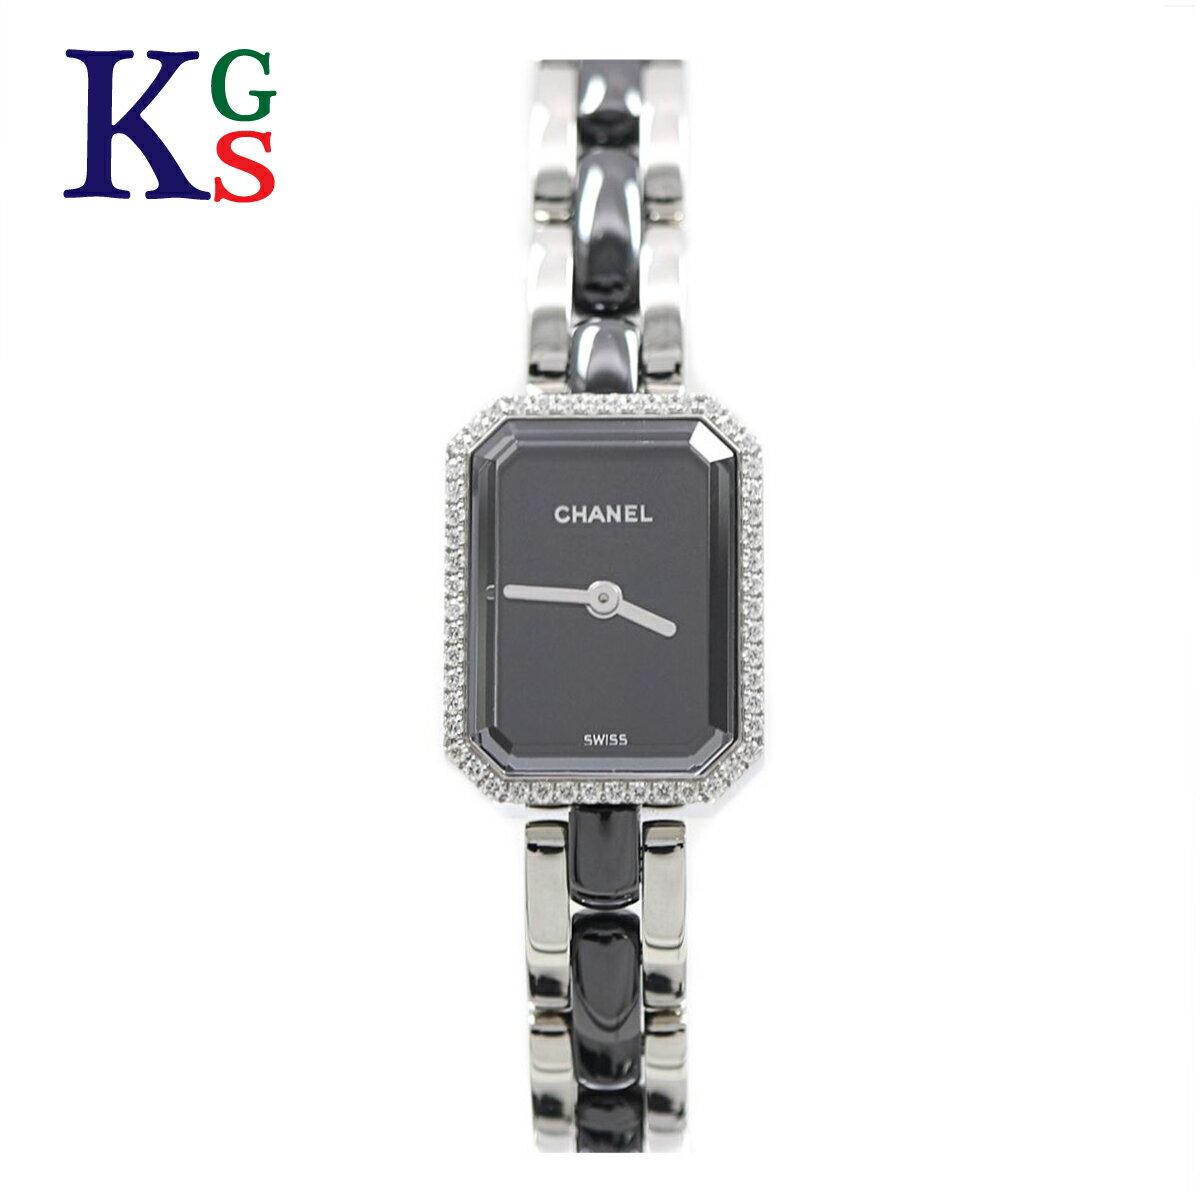 【新古品】シャネル/CHANEL / 腕時計 レディース ブラック×シルバー ベゼルダイヤ / プルミエール / セラミック×ステンレススチール H2163 クォーツ